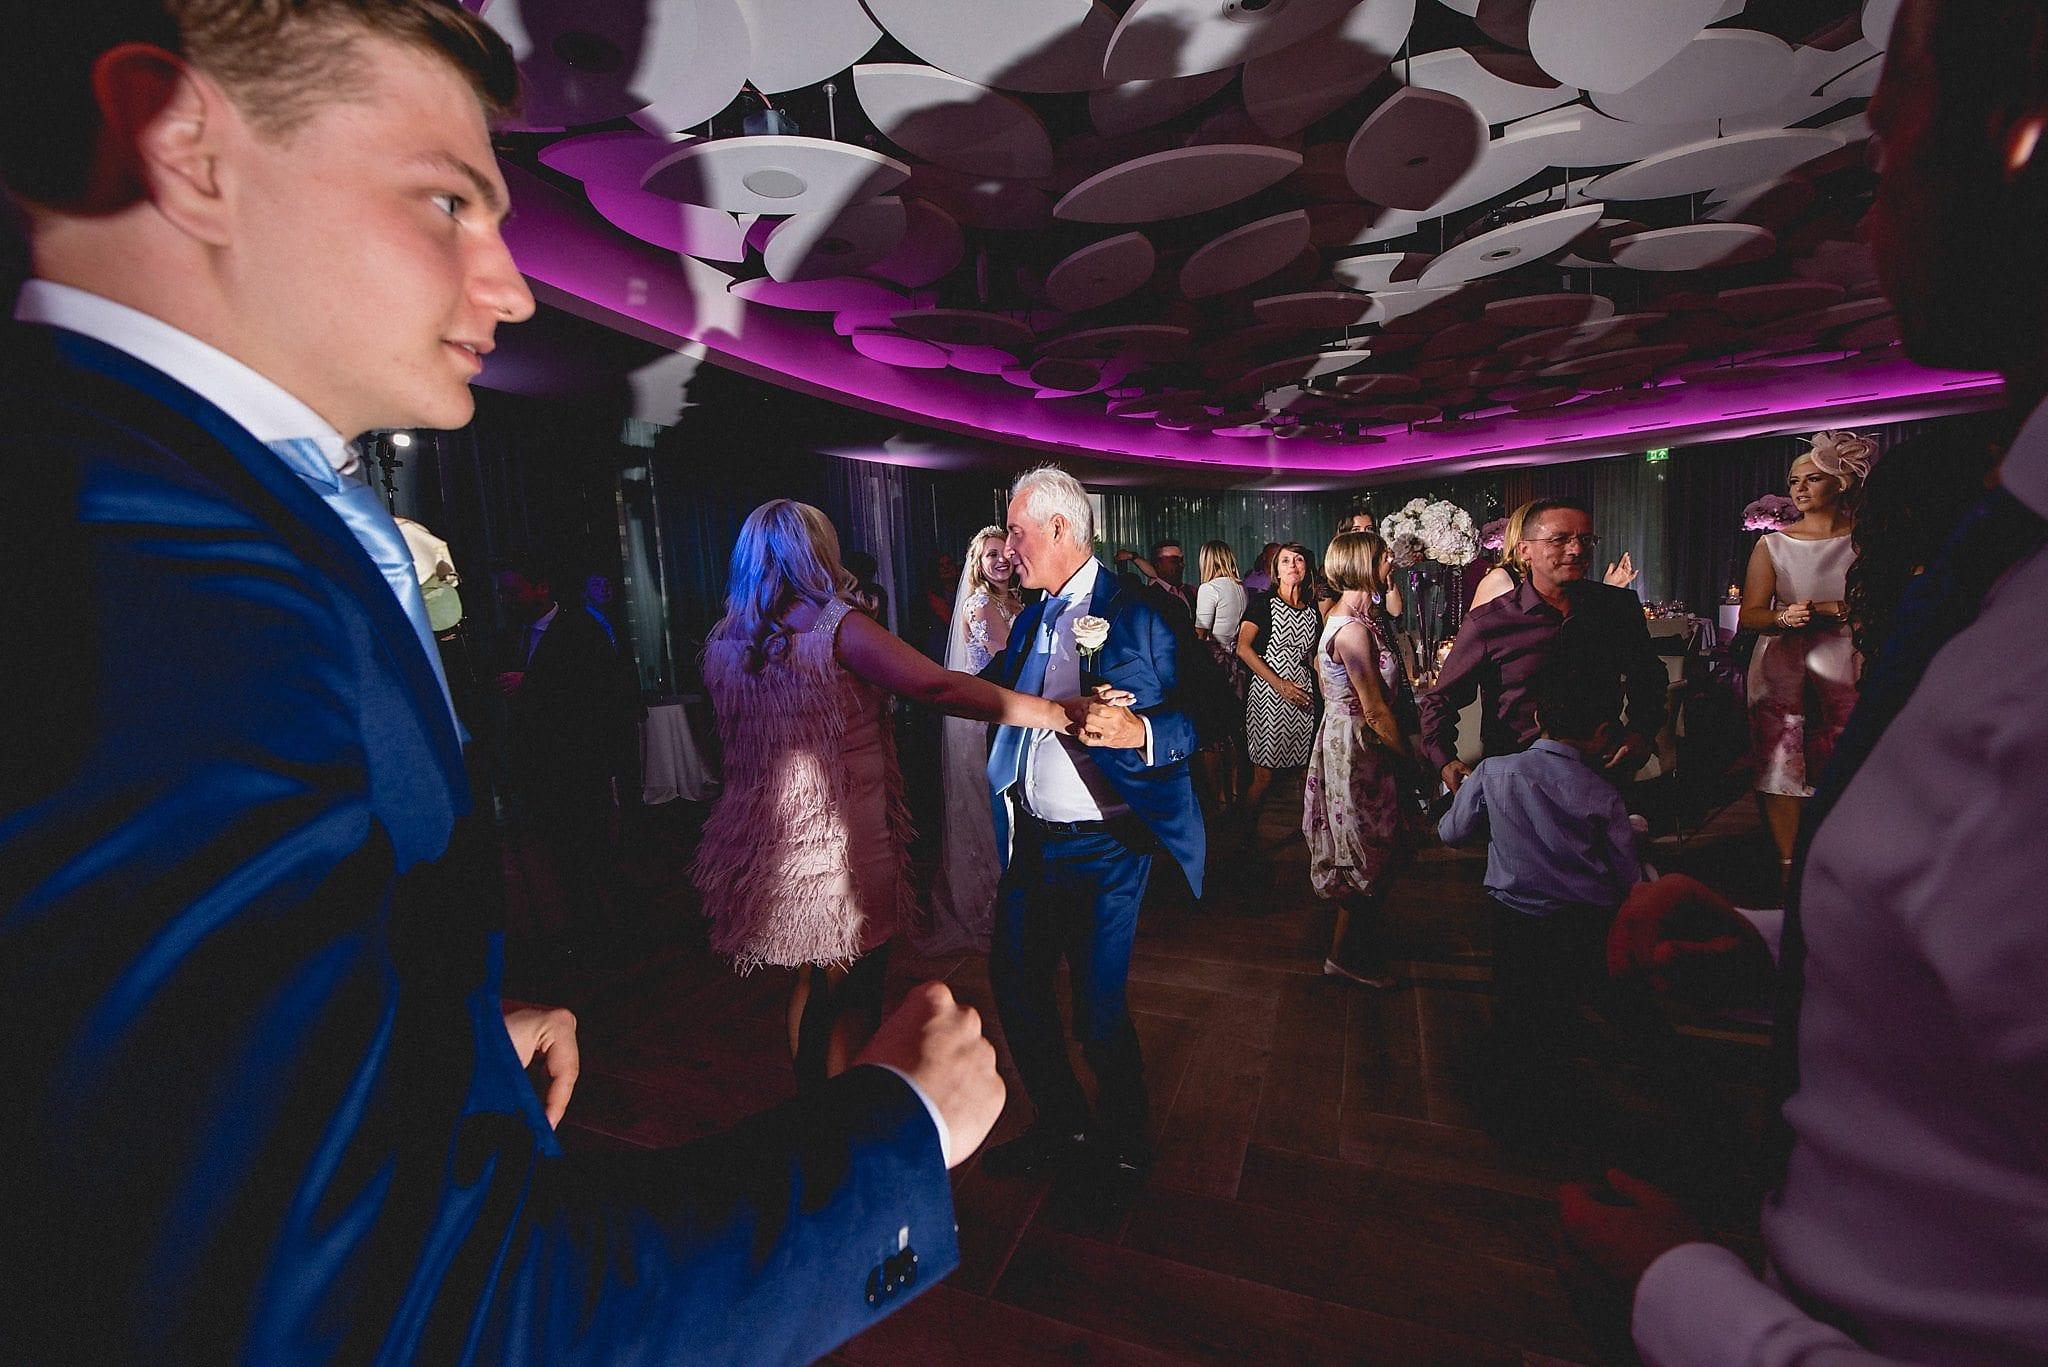 The dancefloor fills up